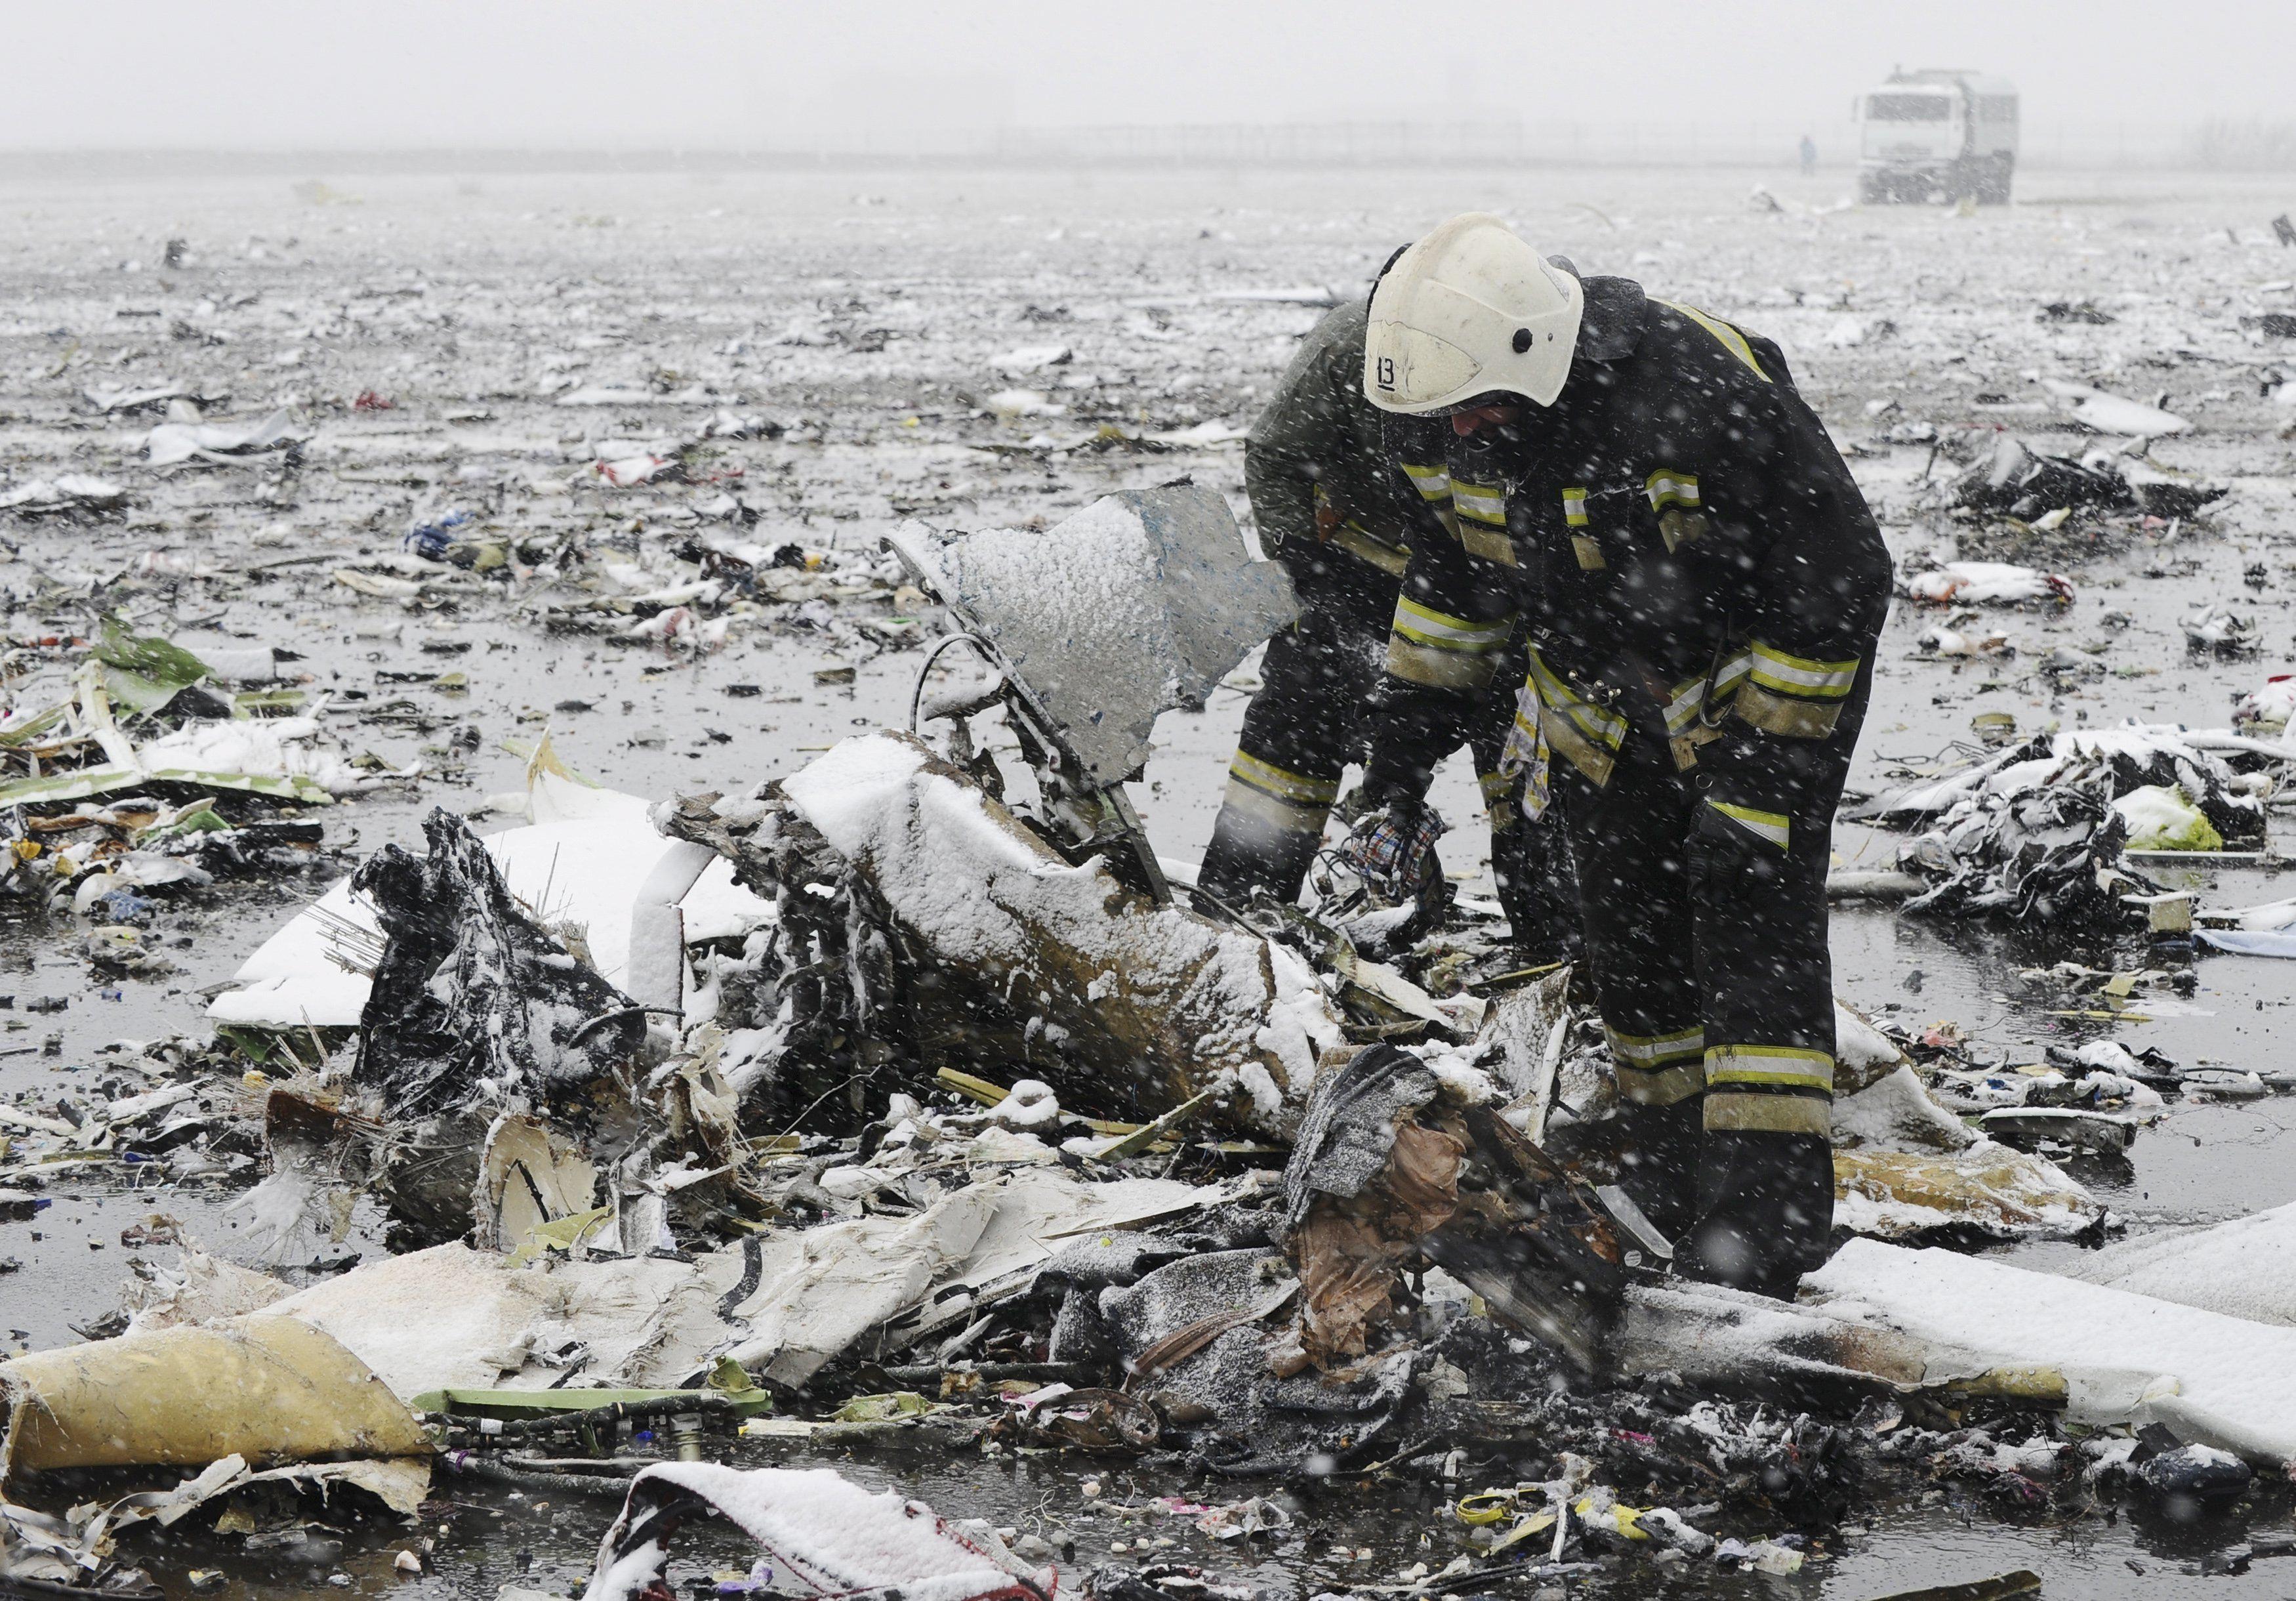 Обломки потерпевшего крушение пассажирского самолета, иллюстрация